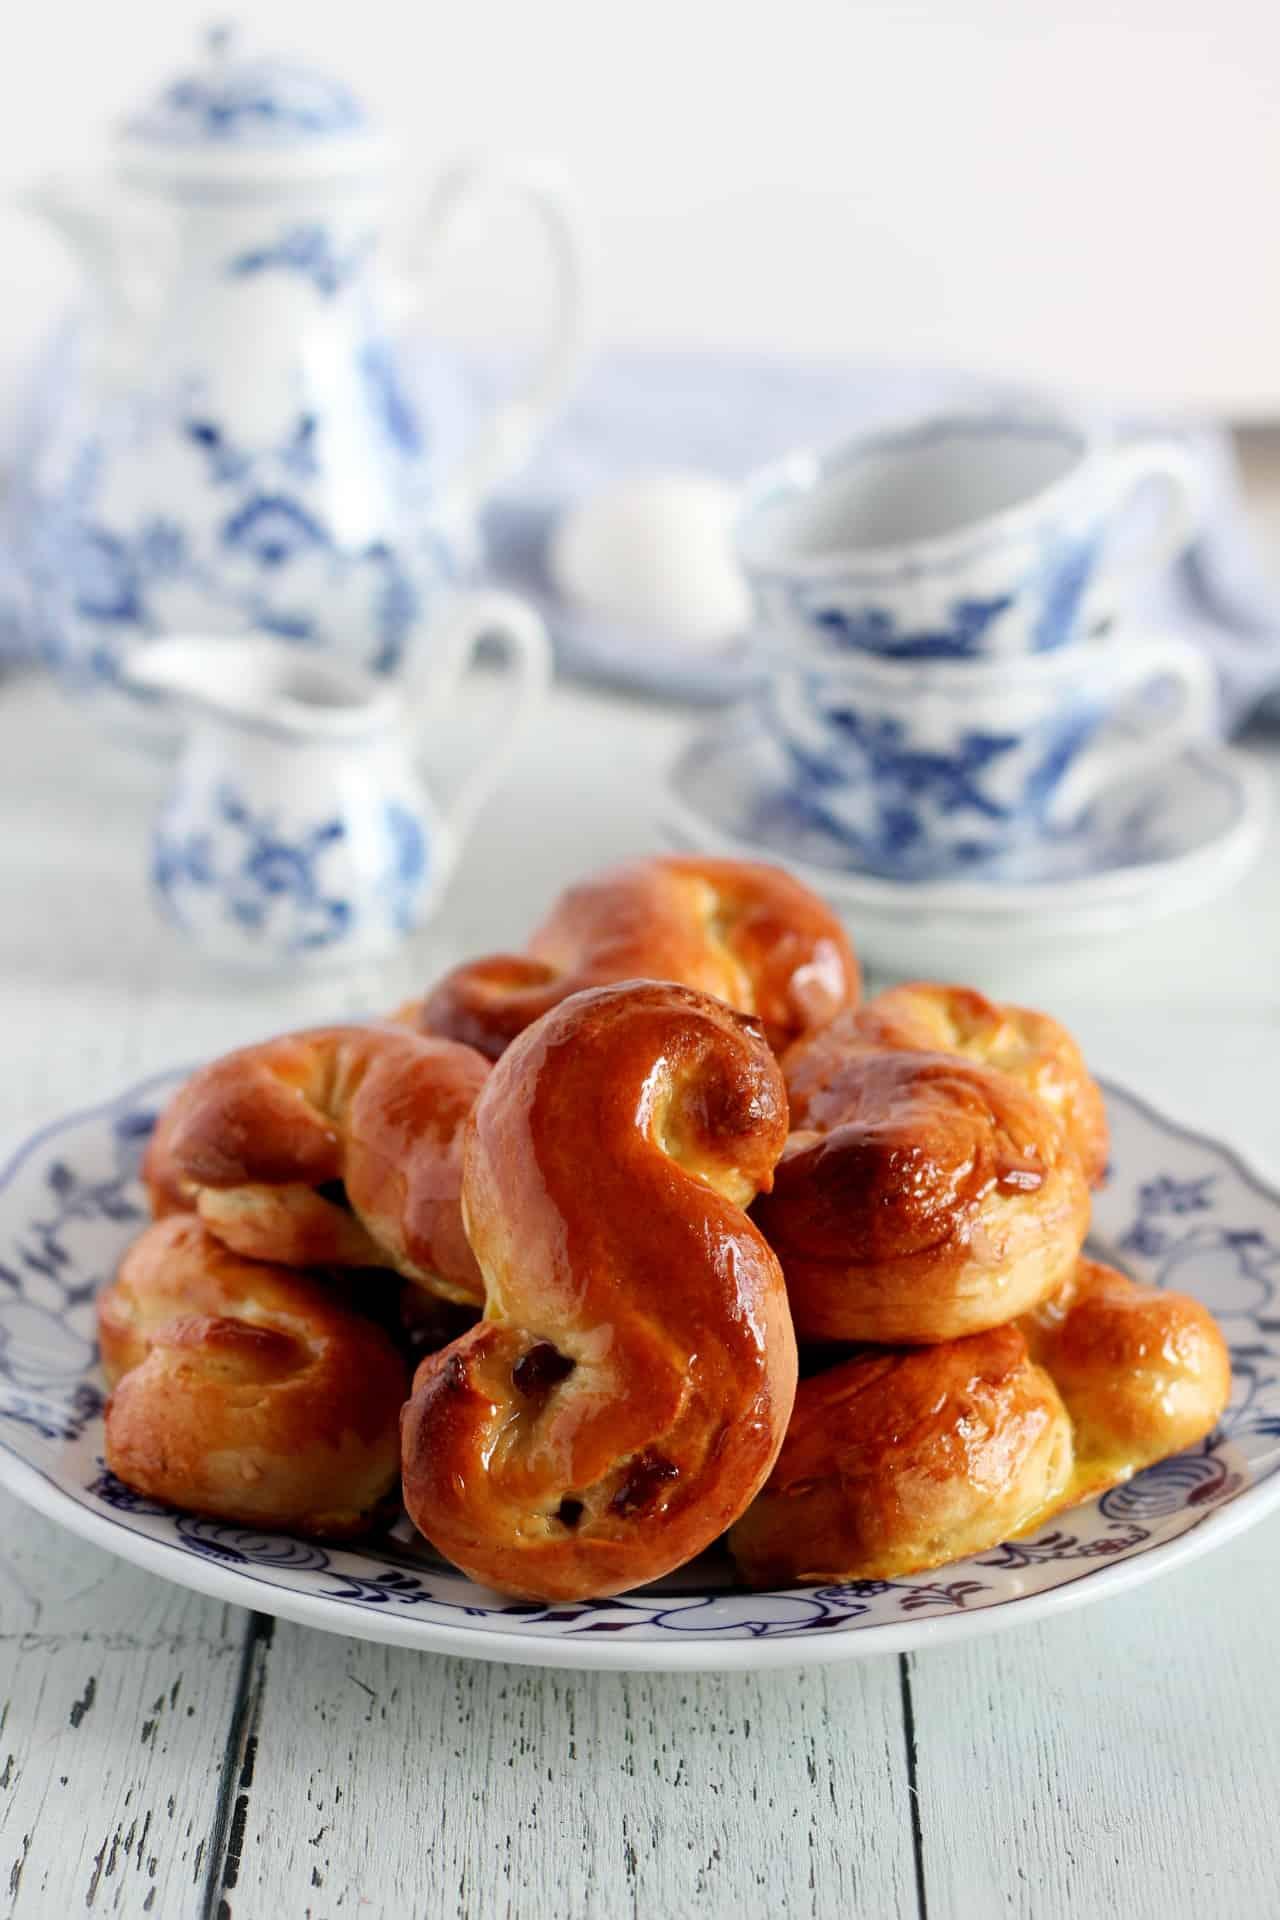 easter sweet brioche bun on plate